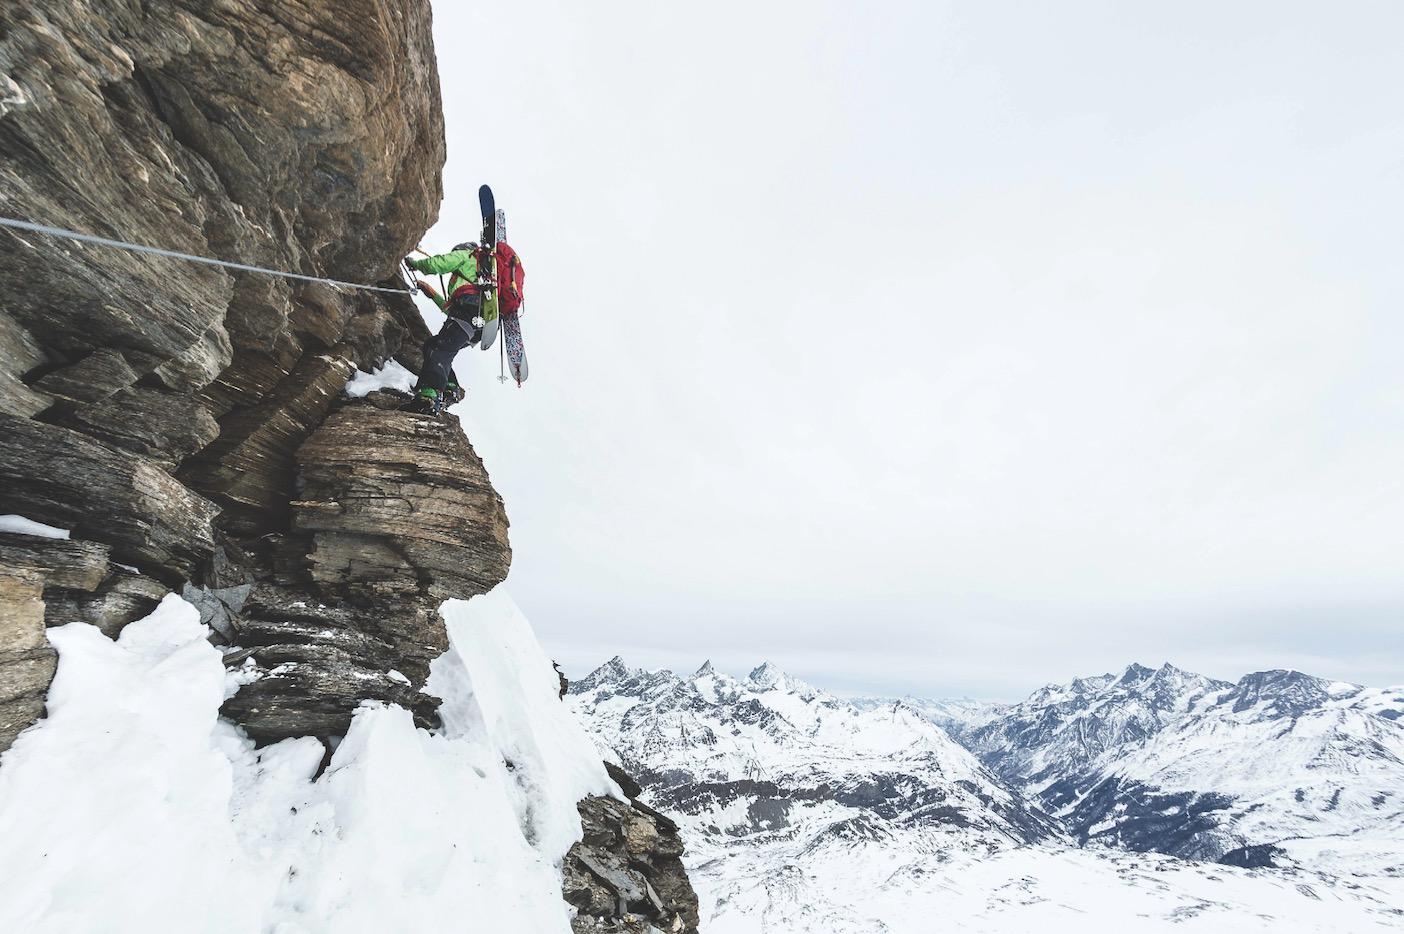 SKI PÅ SEKKEN: På grensen mellom Italia og Sveits, på kammen kalt Furggrat, går det en ny via ferrata beregnet for vinterbruk (La Traversata). Den åpner opp for frikjøring ovenfor skisenteret i Cervinia.